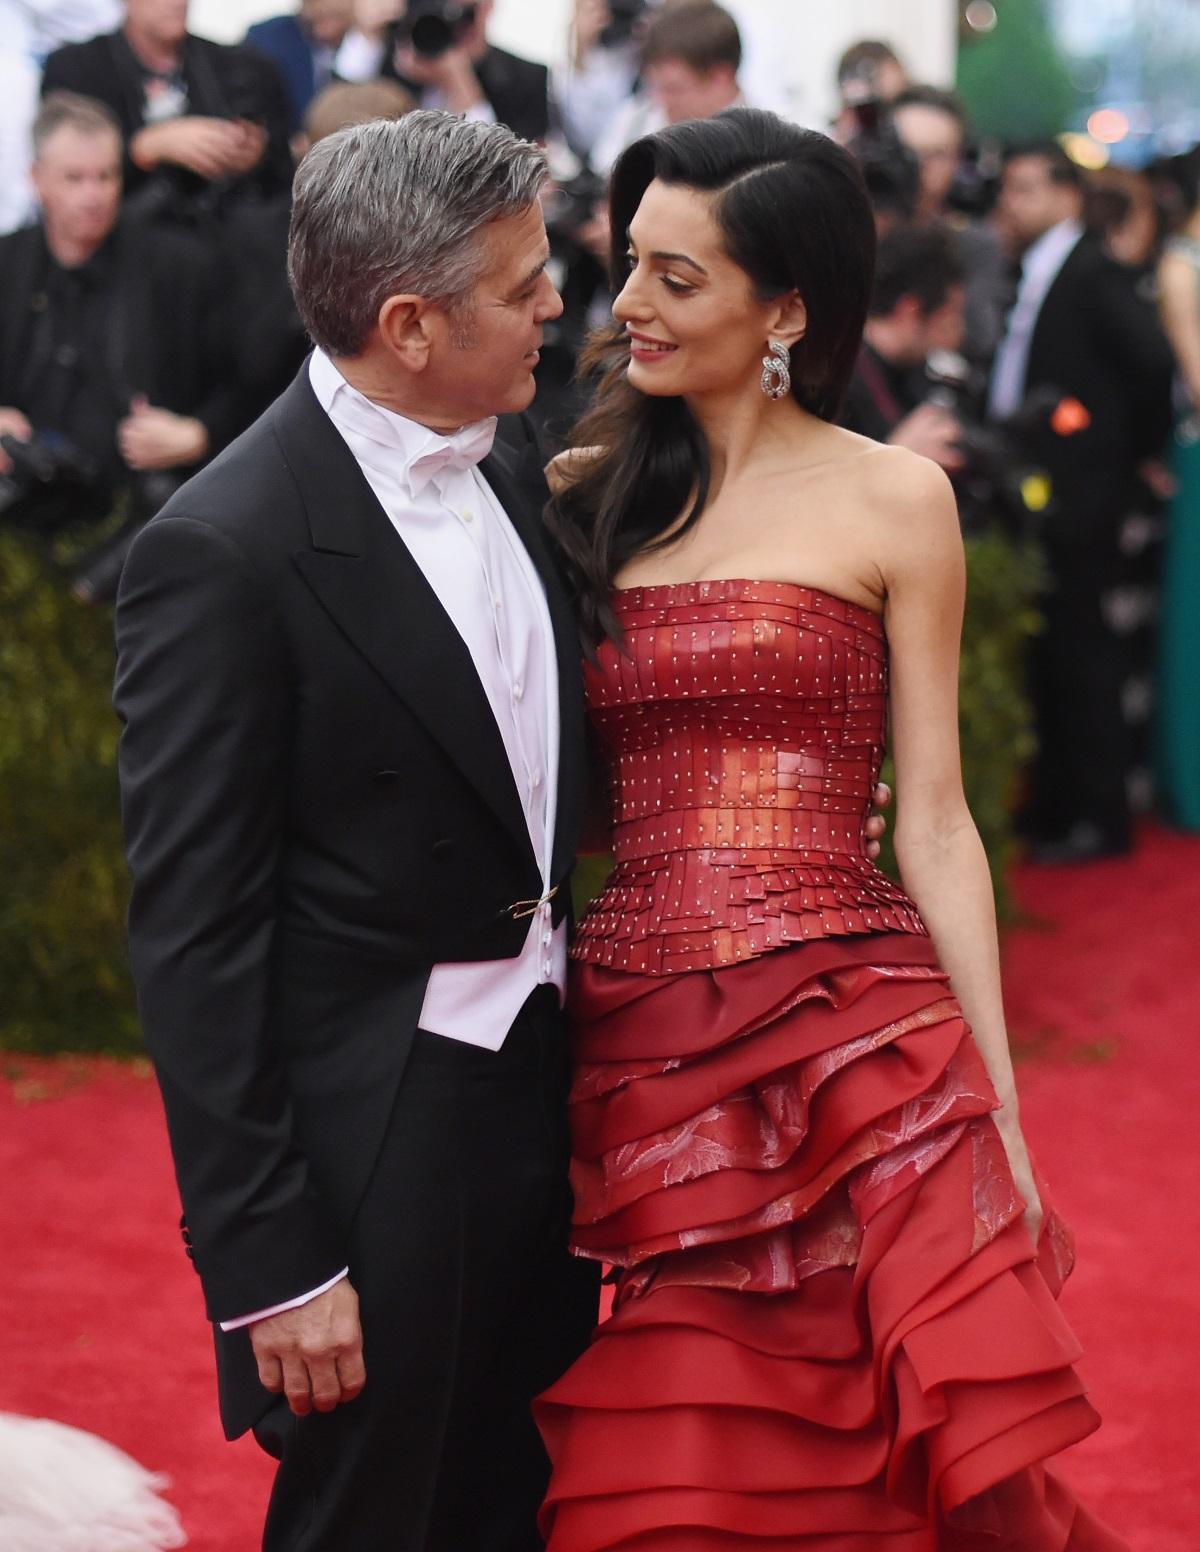 Джордж Клуни се жени за първи път, когато е на 28 г. Бракът му продължава само 3 години и след това актьорът заявяваше, че няма да се ожени отново. Никога не казвай никога, са казали хората и са прави. Години по-късно Джордж Клуни срещна любовта на живота си - Амал, и актьорът мина под венчилото за втори път на 53 г.